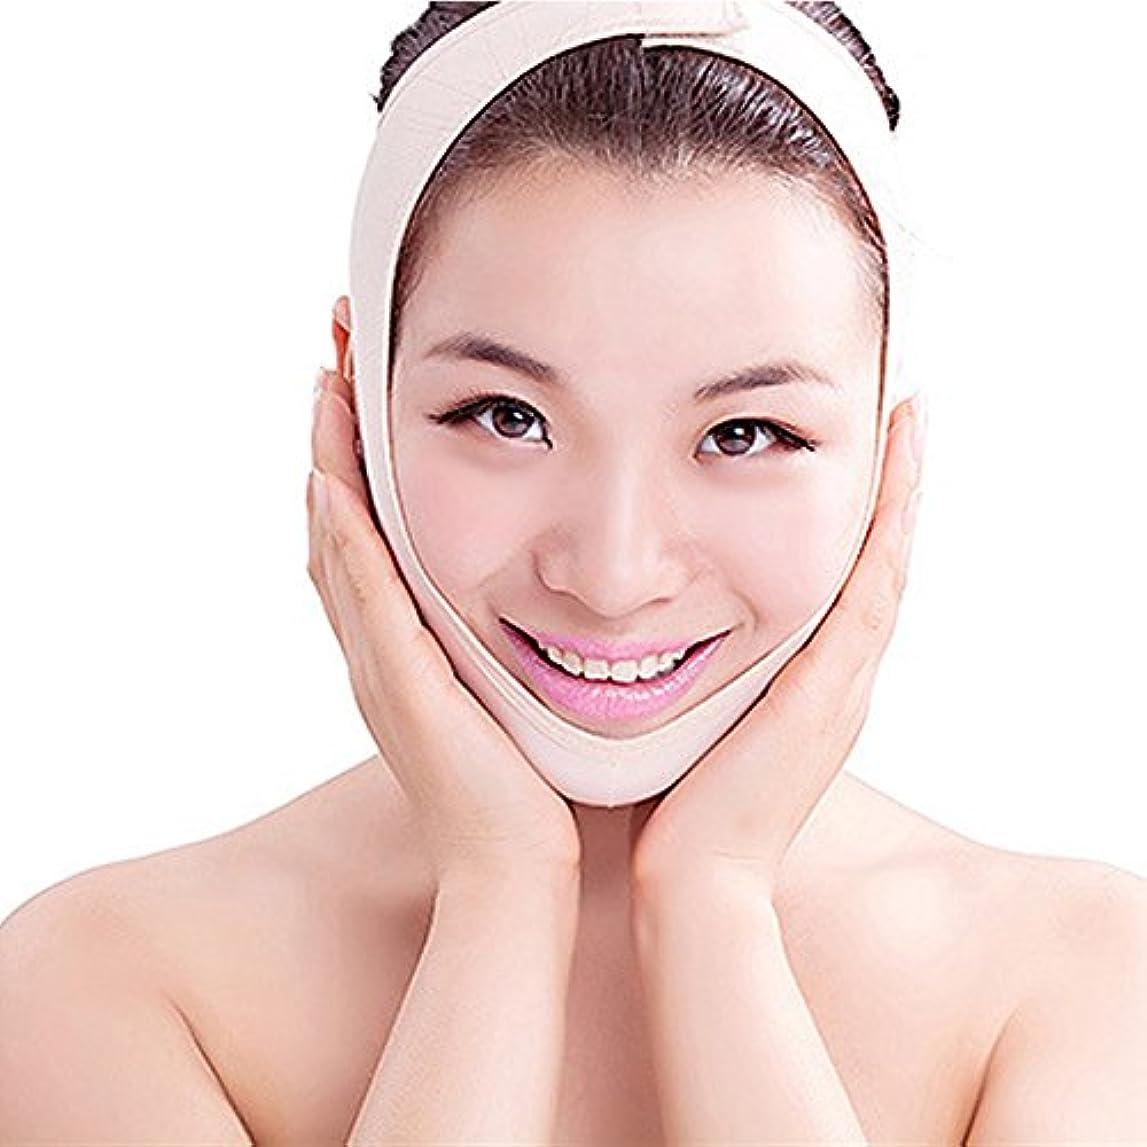 サンダーバーチャル口径LuxBene(TM) 2PCSホット販売女性の超薄型Vフェイスマスクラインベルトストラップバンドチンチークスリムリフトアップアンチリンクルは、スリミング製品マスク